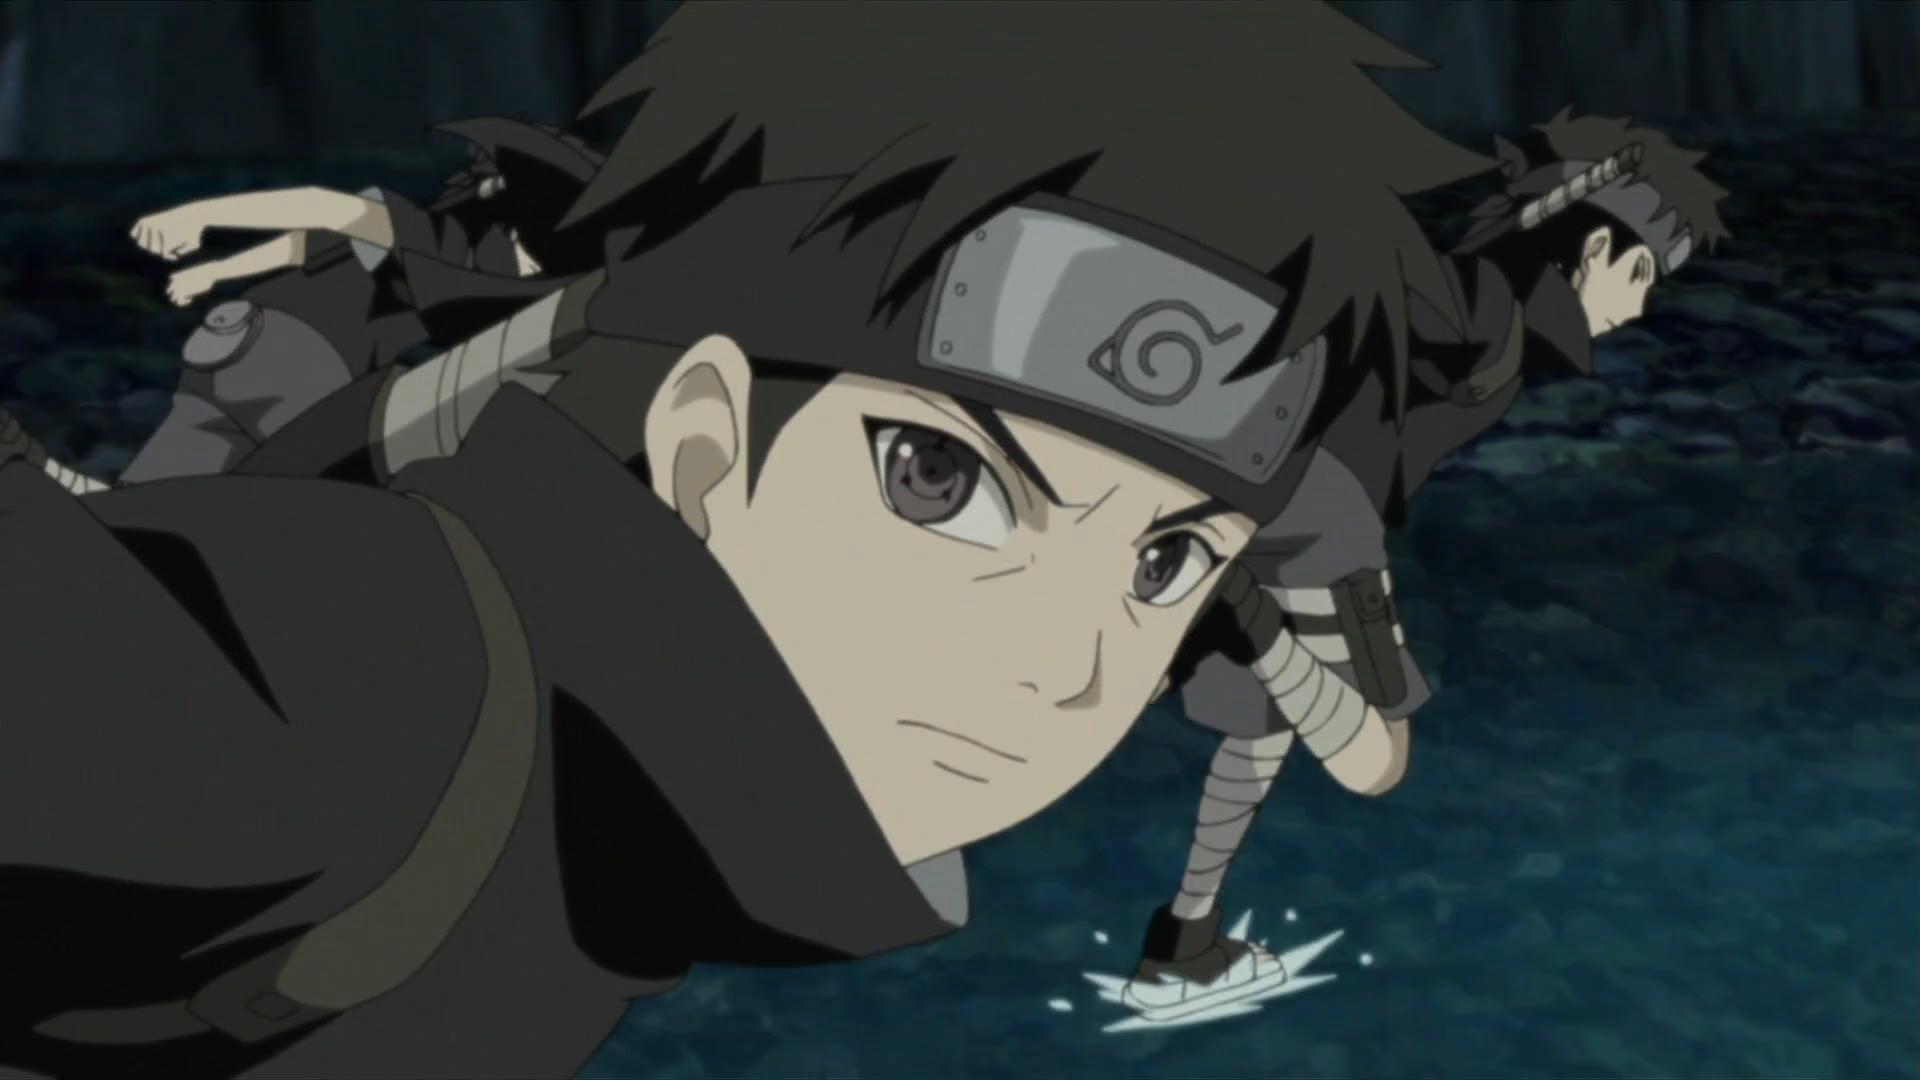 Shisui Uchiha | Naruto shippuden sasuke, Naruto kakashi, Anime naruto